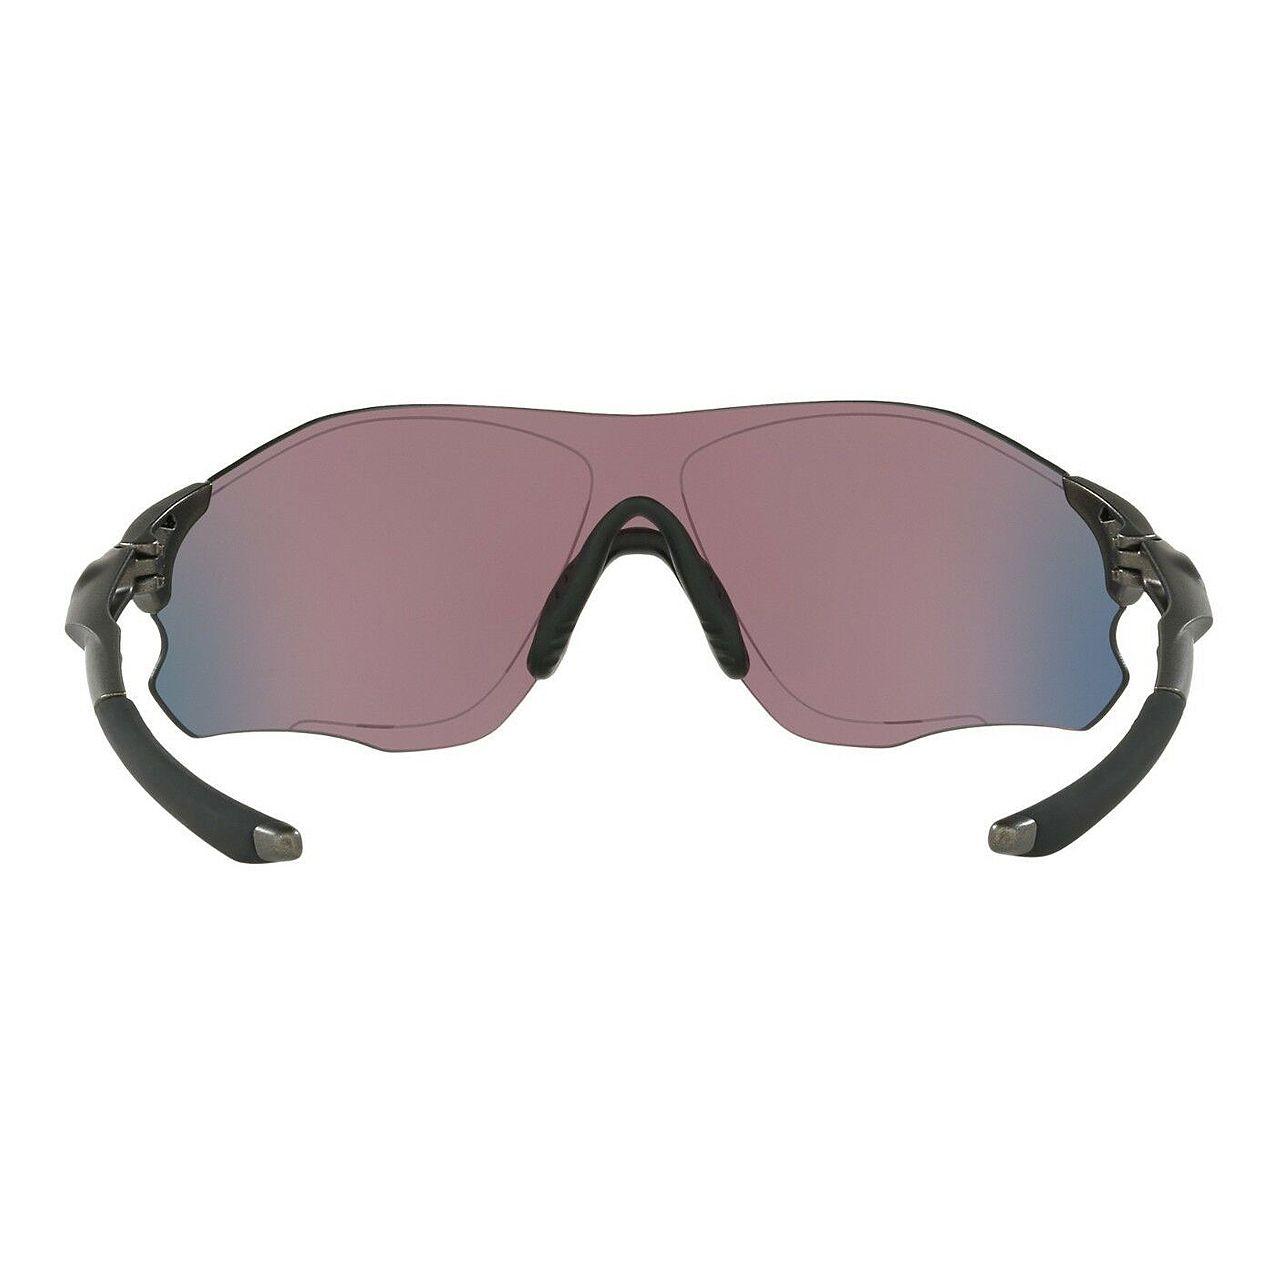 عینک آفتابی اوکلی مدل EVZero Path Lead کد OO9308-1138 -  - 5